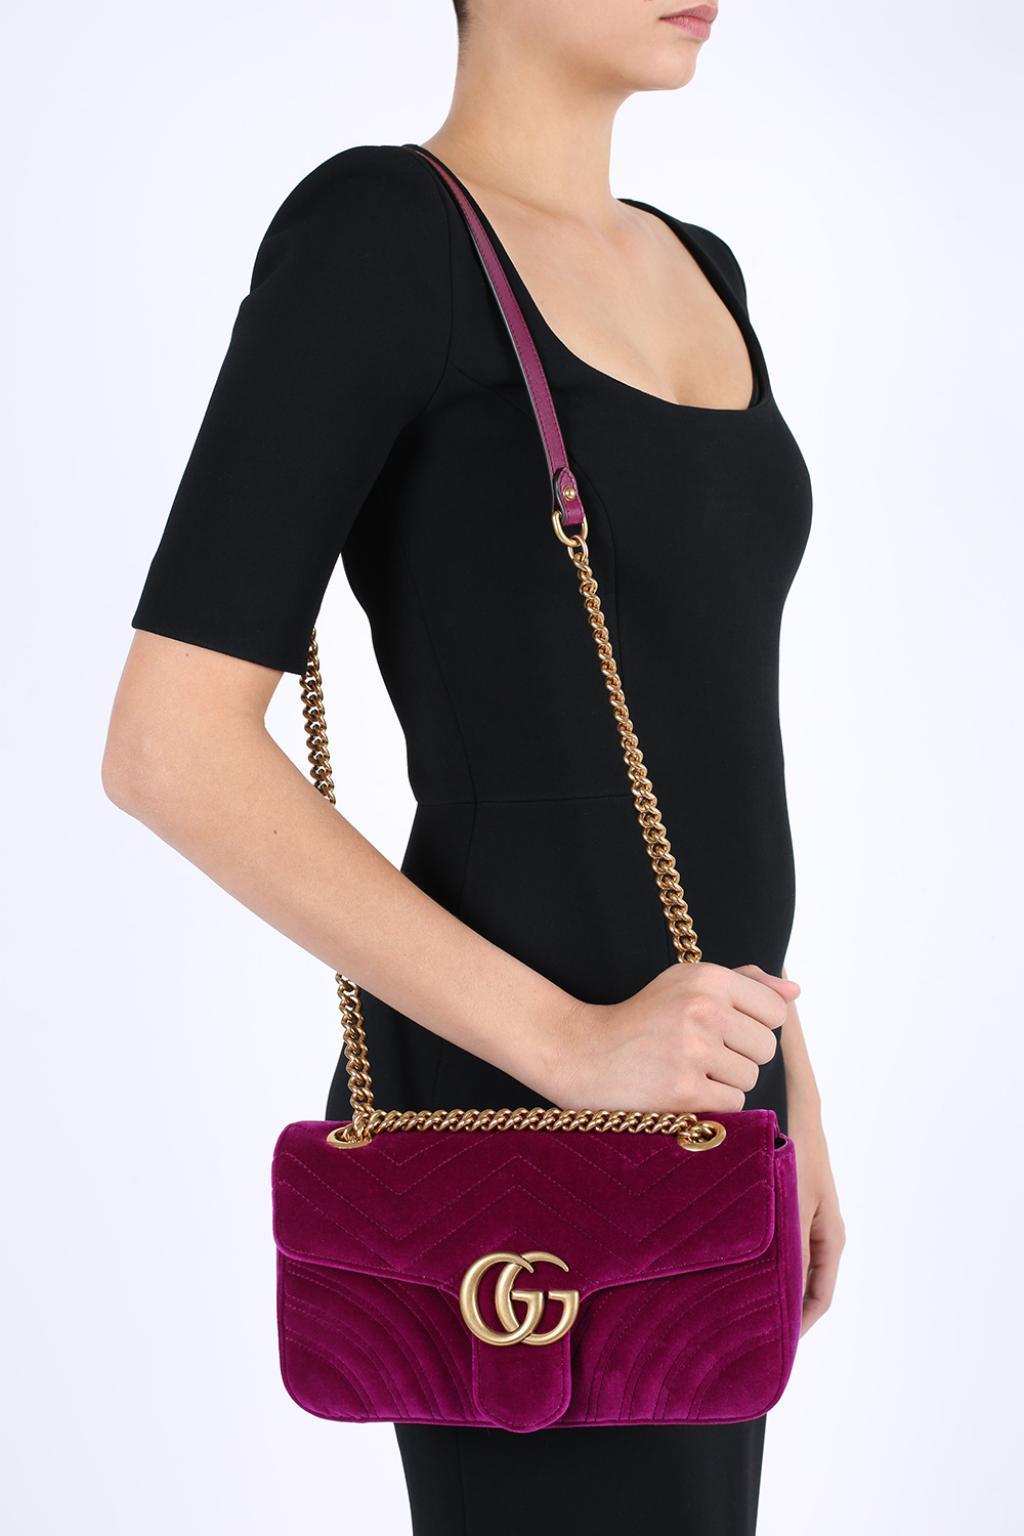 56384c88dd3 ...  GG Marmont  Velvet Shoulder Bag - Lyst. View fullscreen